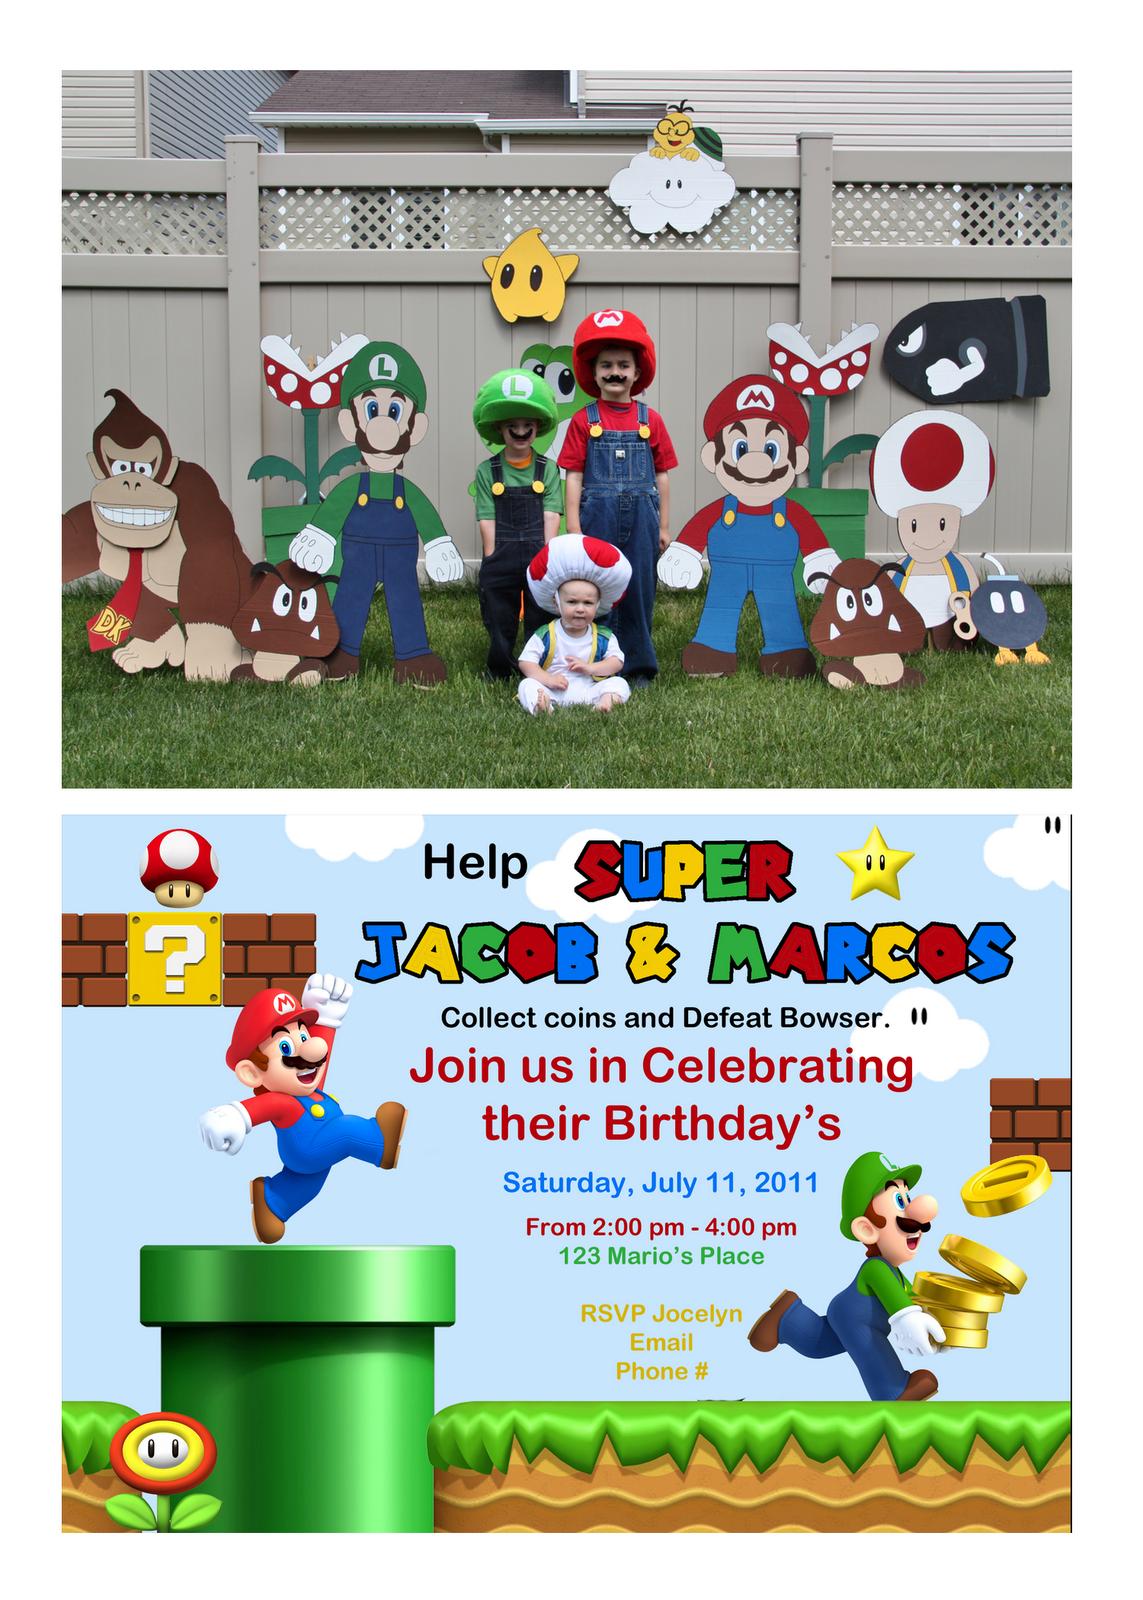 Super Mario Birthday Party Invitation Mario Bros Party Decorations